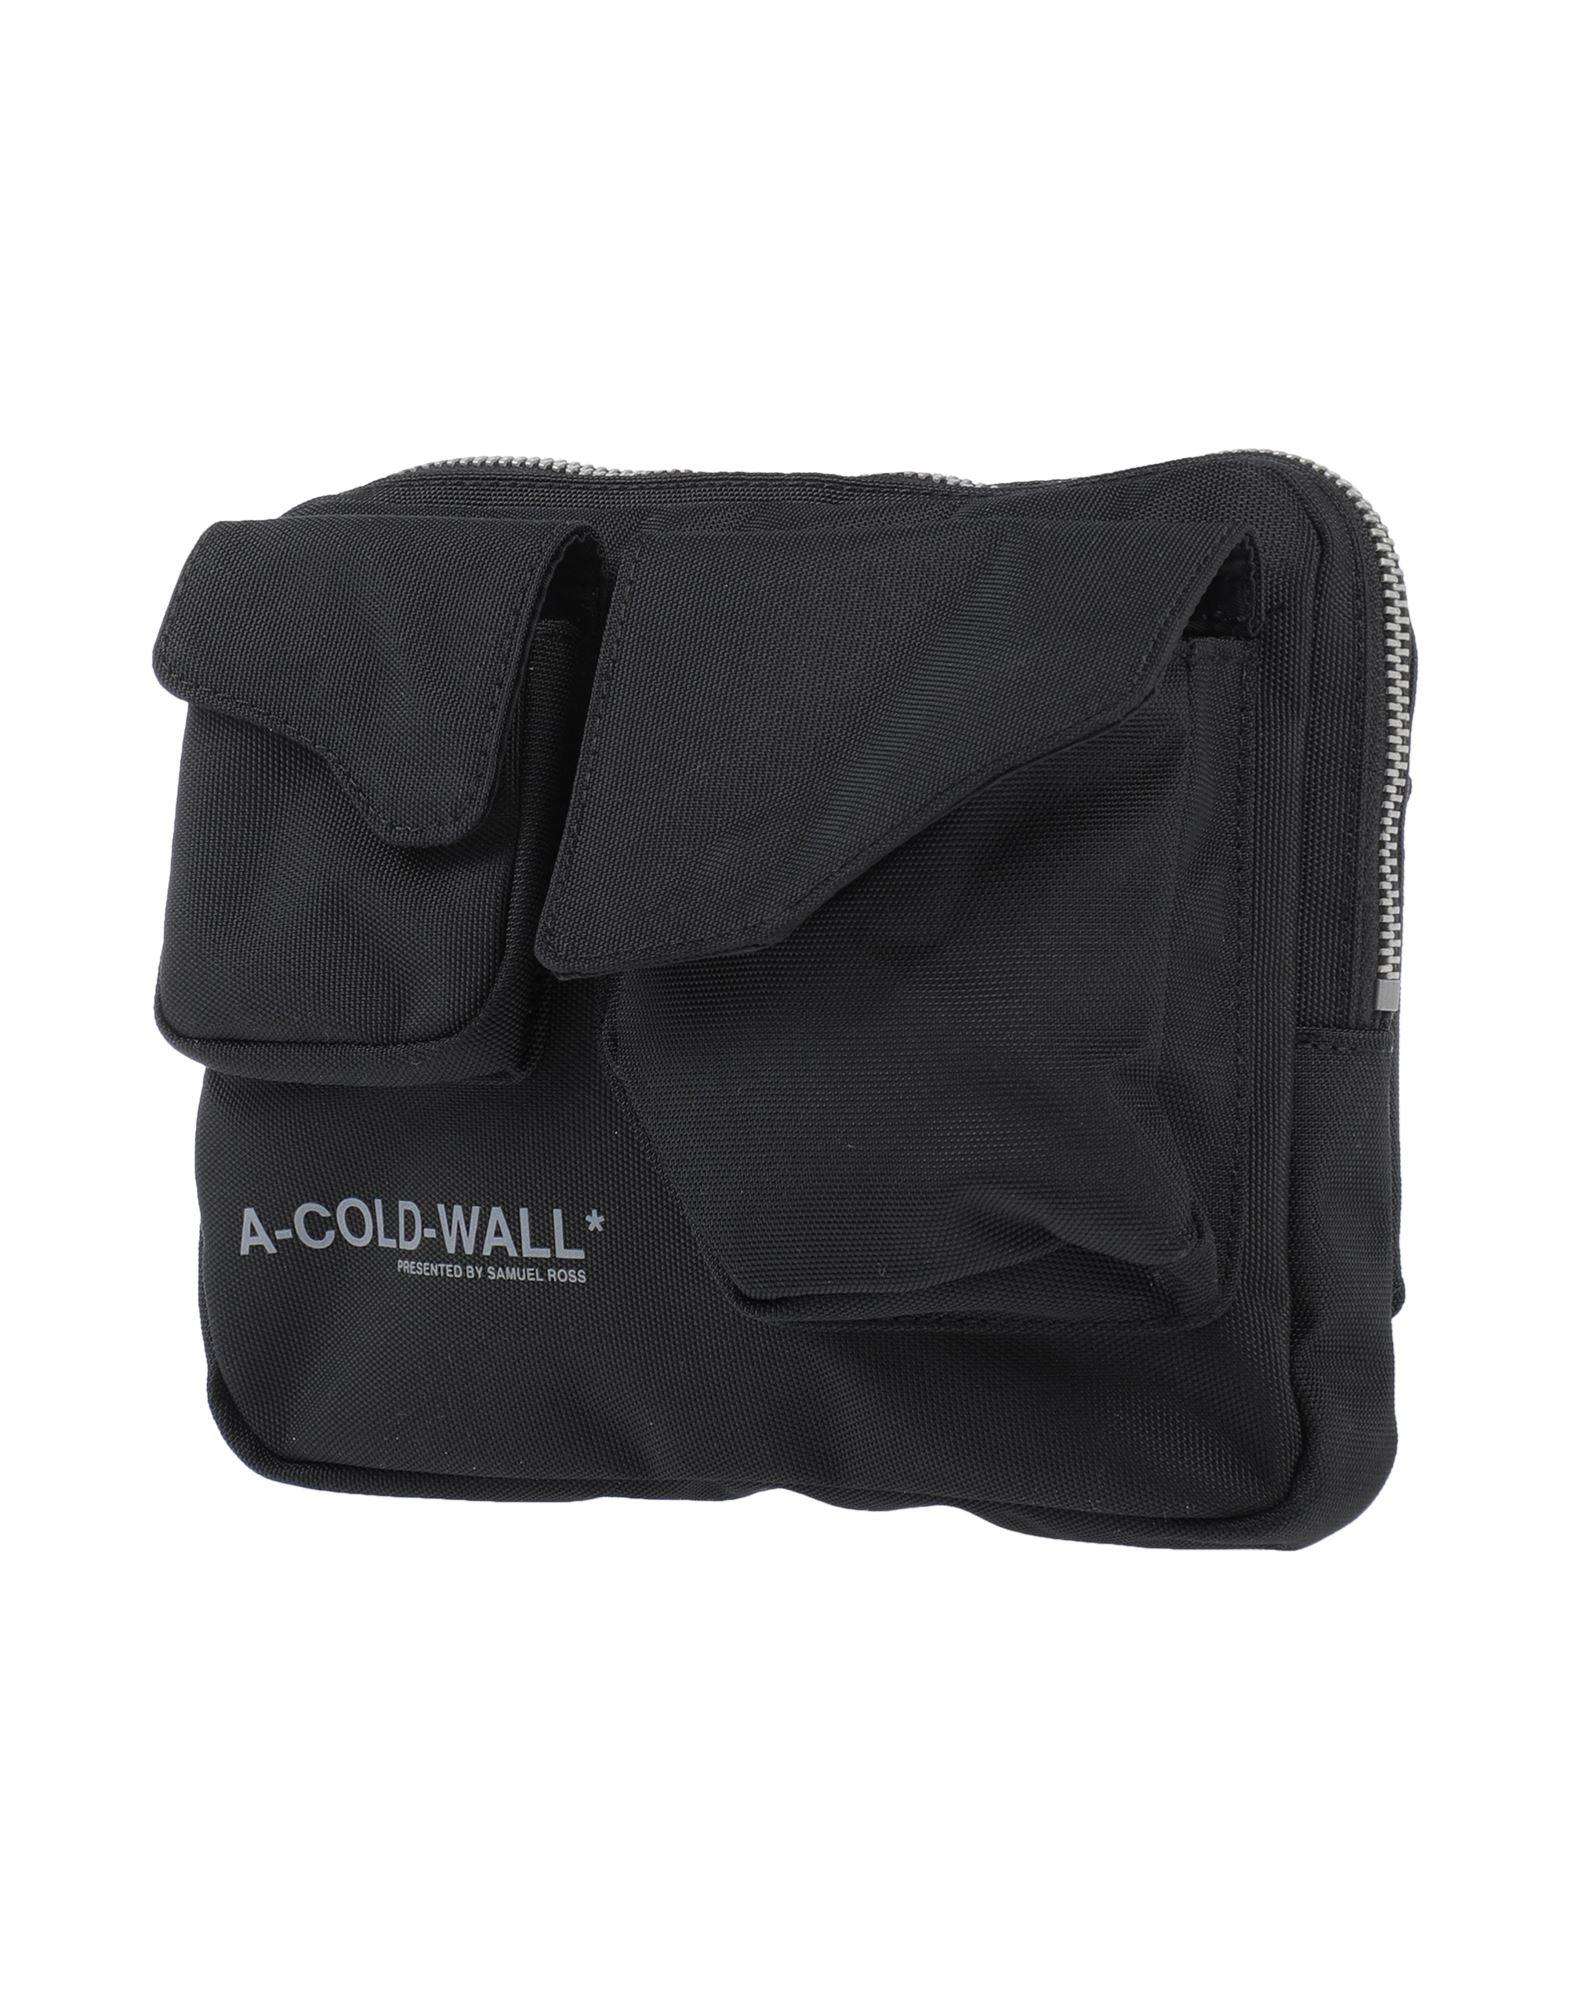 a cold wall деловые сумки A-COLD-WALL* Рюкзаки и сумки на пояс